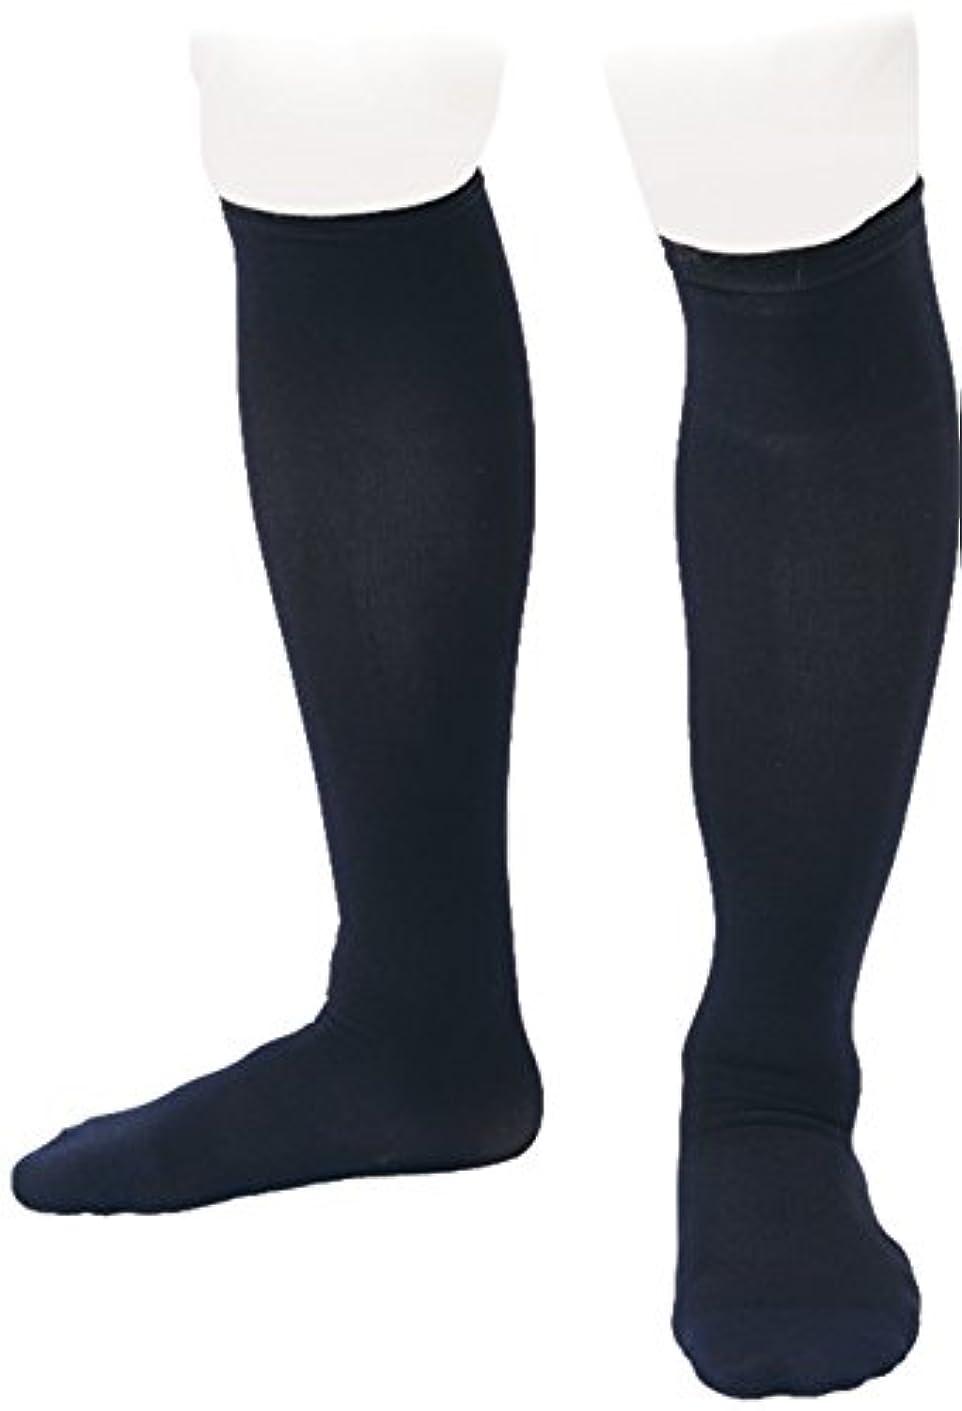 既婚シルエット裁判官【マッスルプロジェクト】日本企画 2足組 メンズ 加圧 ソックス 靴下 黒 ブラック (MP-CS2S) (対応サイズ:25~28cm) 引き締め 運動効果 (新日本プロレス) 棚橋選手 オススメ